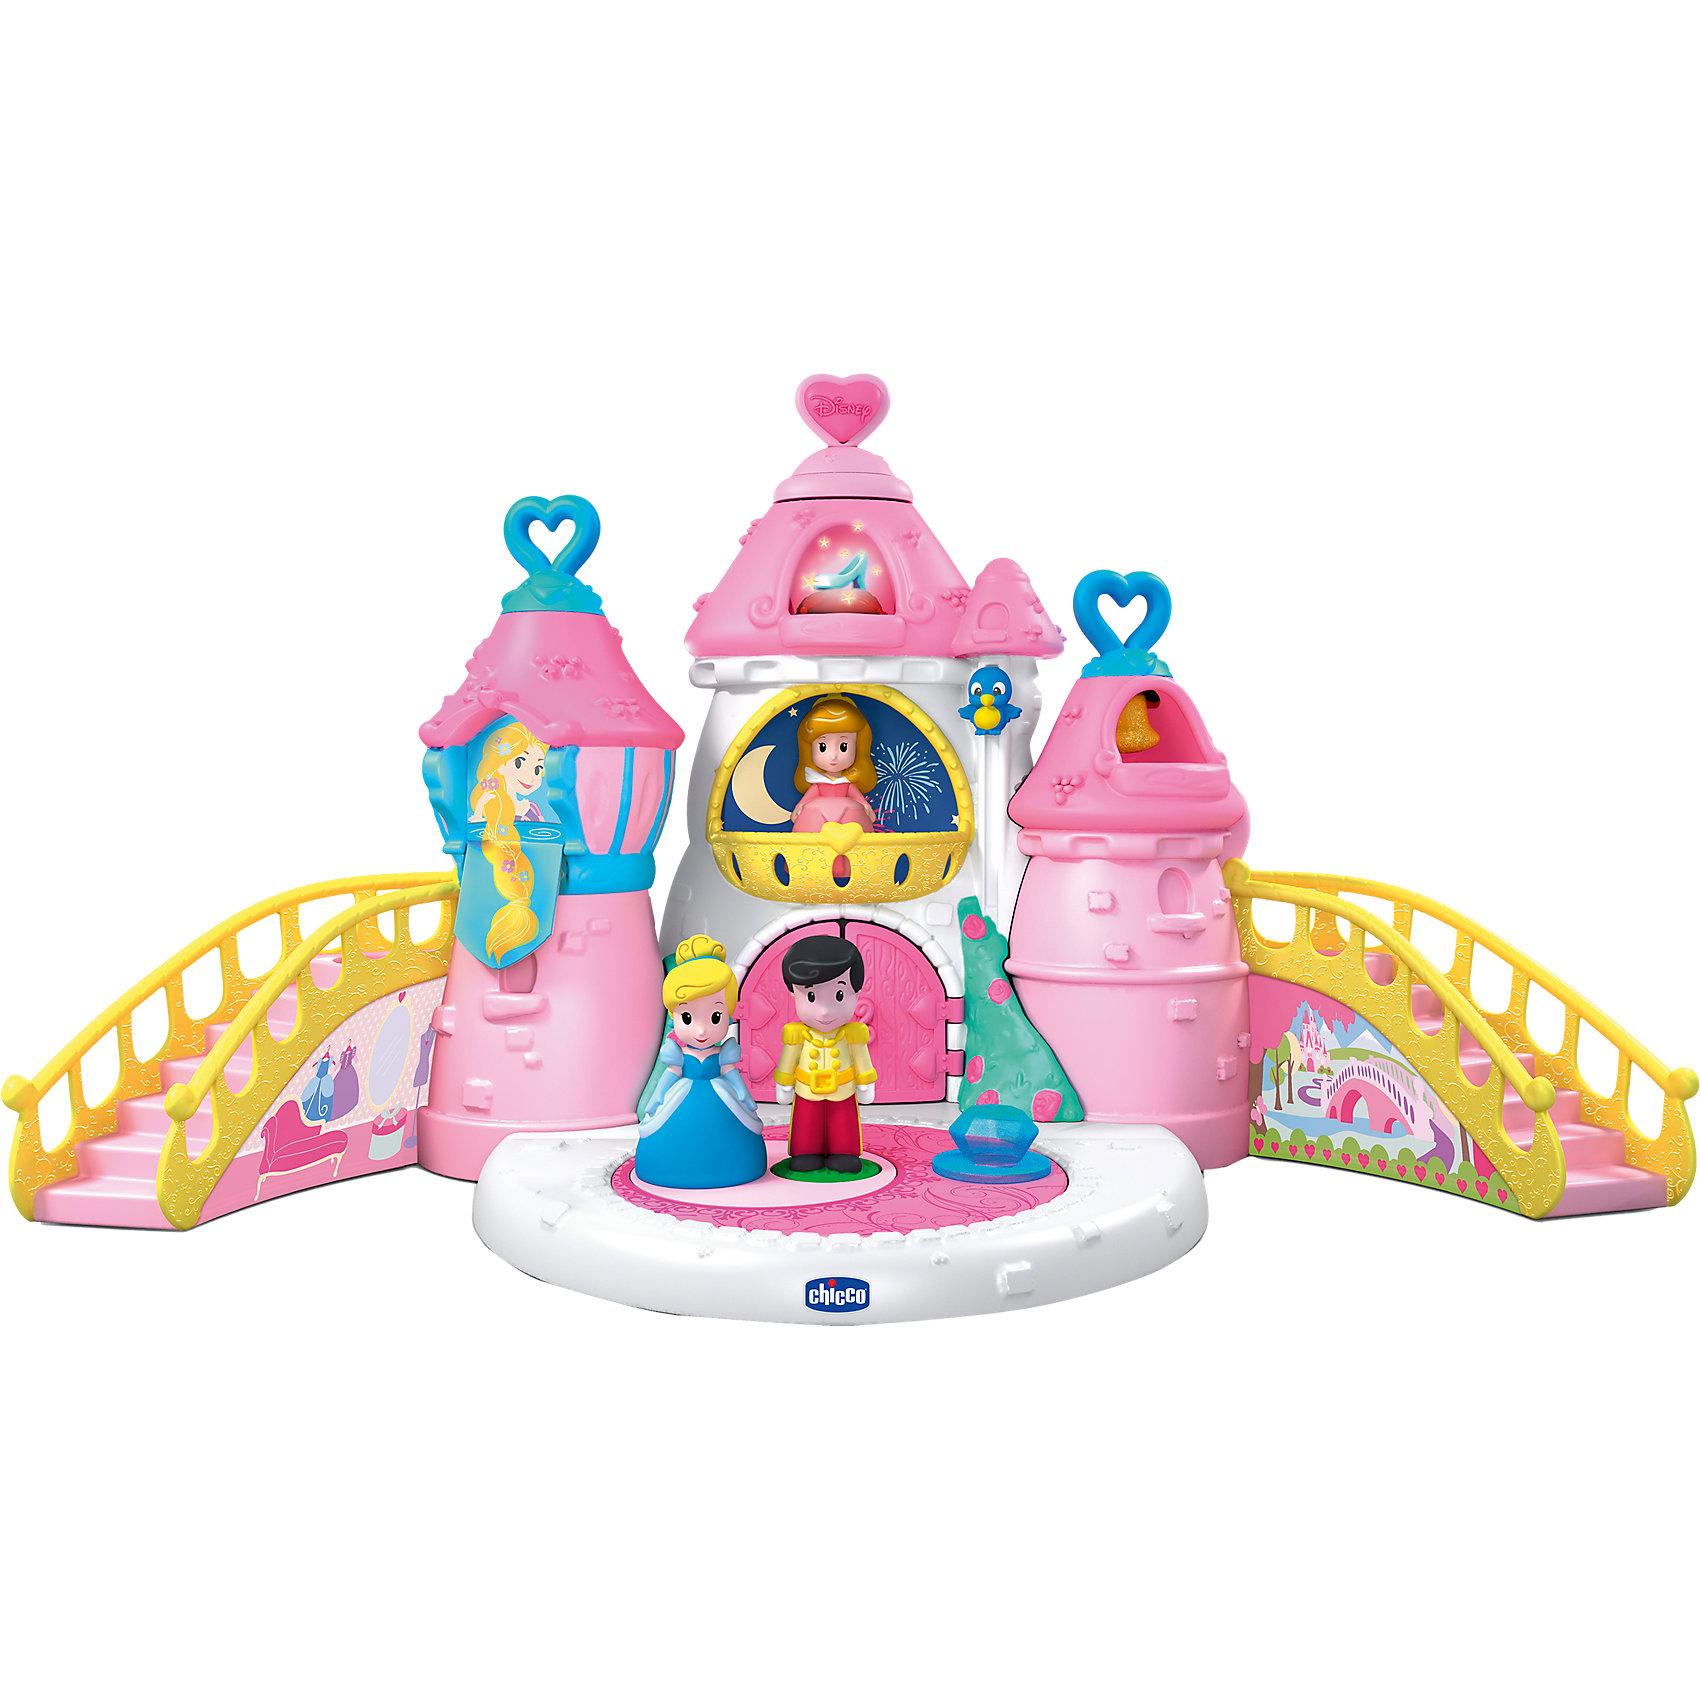 Волшебный замок Принцесс Disney, CHICCOПопулярные игрушки<br>Волшебный замок Принцесс Disney, CHICCO (ЧИКО) – это замечательный игровой набор, который позволяет обыгрывать волшебные истории Disney.<br>Волшебный замок Принцесс Disney от Chicco (Чико) – это мечта любой девочки, красочный, яркий, он обязательно порадует вашего ребёнка. В замке живут три сказочных персонажа - Золушка, Спящая Красавица и Принц. У каждой принцессы есть своя комната в замке, где открываются окошки, а в одном из них появляется изображение еще одной всеми любимой сказочной принцессы Рапунцель! Добраться в свою комнату каждая из принцесс может по боковой лестнице или на специальном волшебном лифте с закрывающимися дверками, который приводится в движение, если ребенок потянет за маленькую птичку сбоку. При этом лифт может ехать как вверх, так и вниз под звуки чудесной мелодии. Во дворе замка есть танцевальная площадка для бала. На платформу ставится принц и принцесса и они начинают кружиться под звуки вальса, если малышка покрутит волшебный кристалл. При нажатии на сердечко на вершине центральной башни раздается волшебная мелодия, и туфелька Золушки загорается сказочными огоньками. Если принца поставить на площадку под окнами Рапунцель, то она спускает в окно свои великолепные волосы. При открывании дверей замка звучит духовой оркестр. Одно из сердечек на правой башне можно вытащить и играть им как колокольчиком-погремушкой. Игрушка развивает мелкую моторику, координацию движений, логическое мышление, причинно-следственные связи, а также воображение и фантазию.<br><br>Дополнительная информация:<br><br>- В наборе: комплектующие замка; 3 игровые фигурки; аксессуары; инструкция<br>- 18 мелодий и звуков<br>- Материал: пластик<br>- Батарейки: 3 типа ААА (не входят в комплект)<br>- Размер: 58х28,5х34 см.<br>- Размер упаковки: 38х28х34 см.<br>- Вес с упаковкой: 5 кг.<br><br>Игровой набор Волшебный замок Принцесс Disney, CHICCO (ЧИКО) можно купить в нашем интернет-магазине.<br><br>Ширина мм: 458<br>Гл